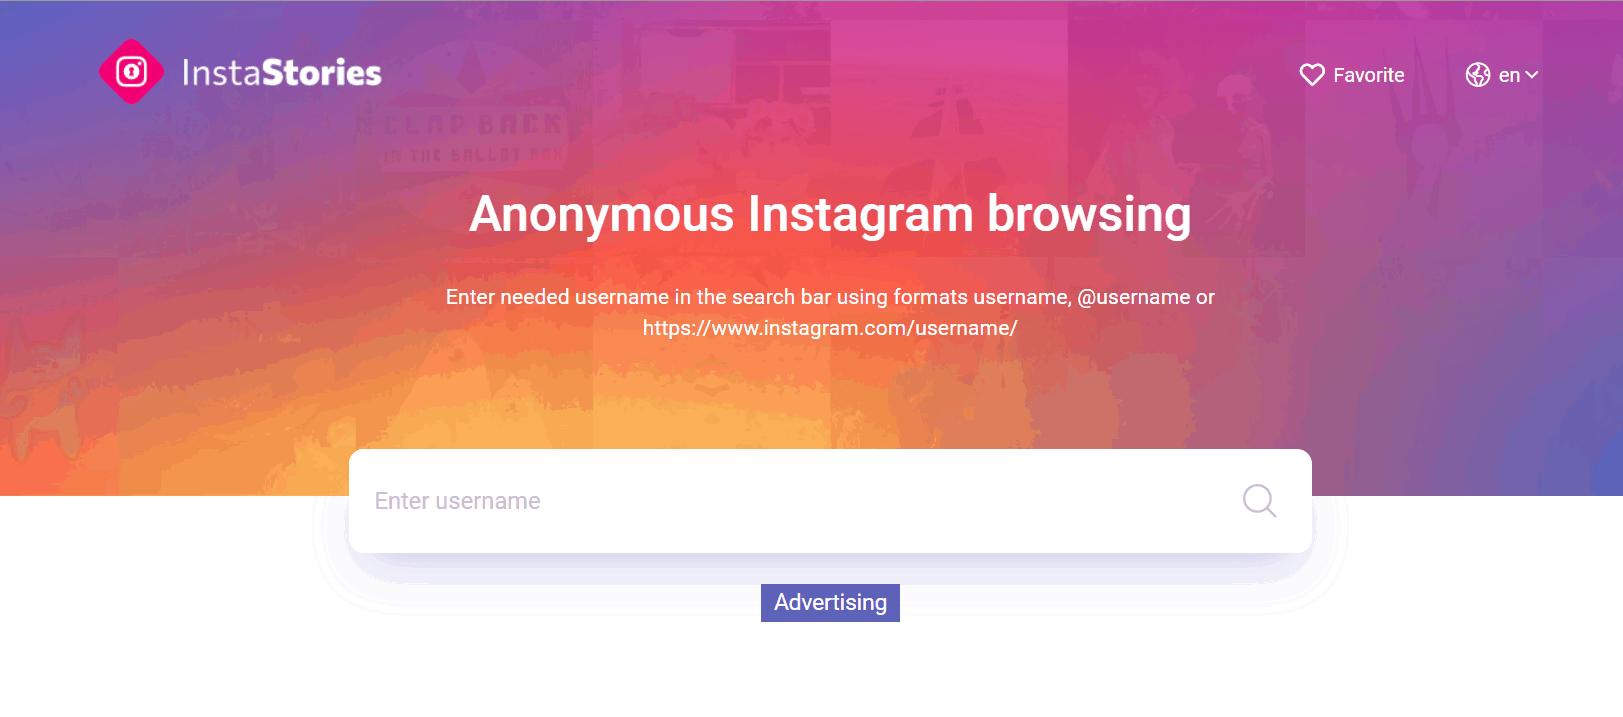 Анонимный просмотр сториз через InstaStories